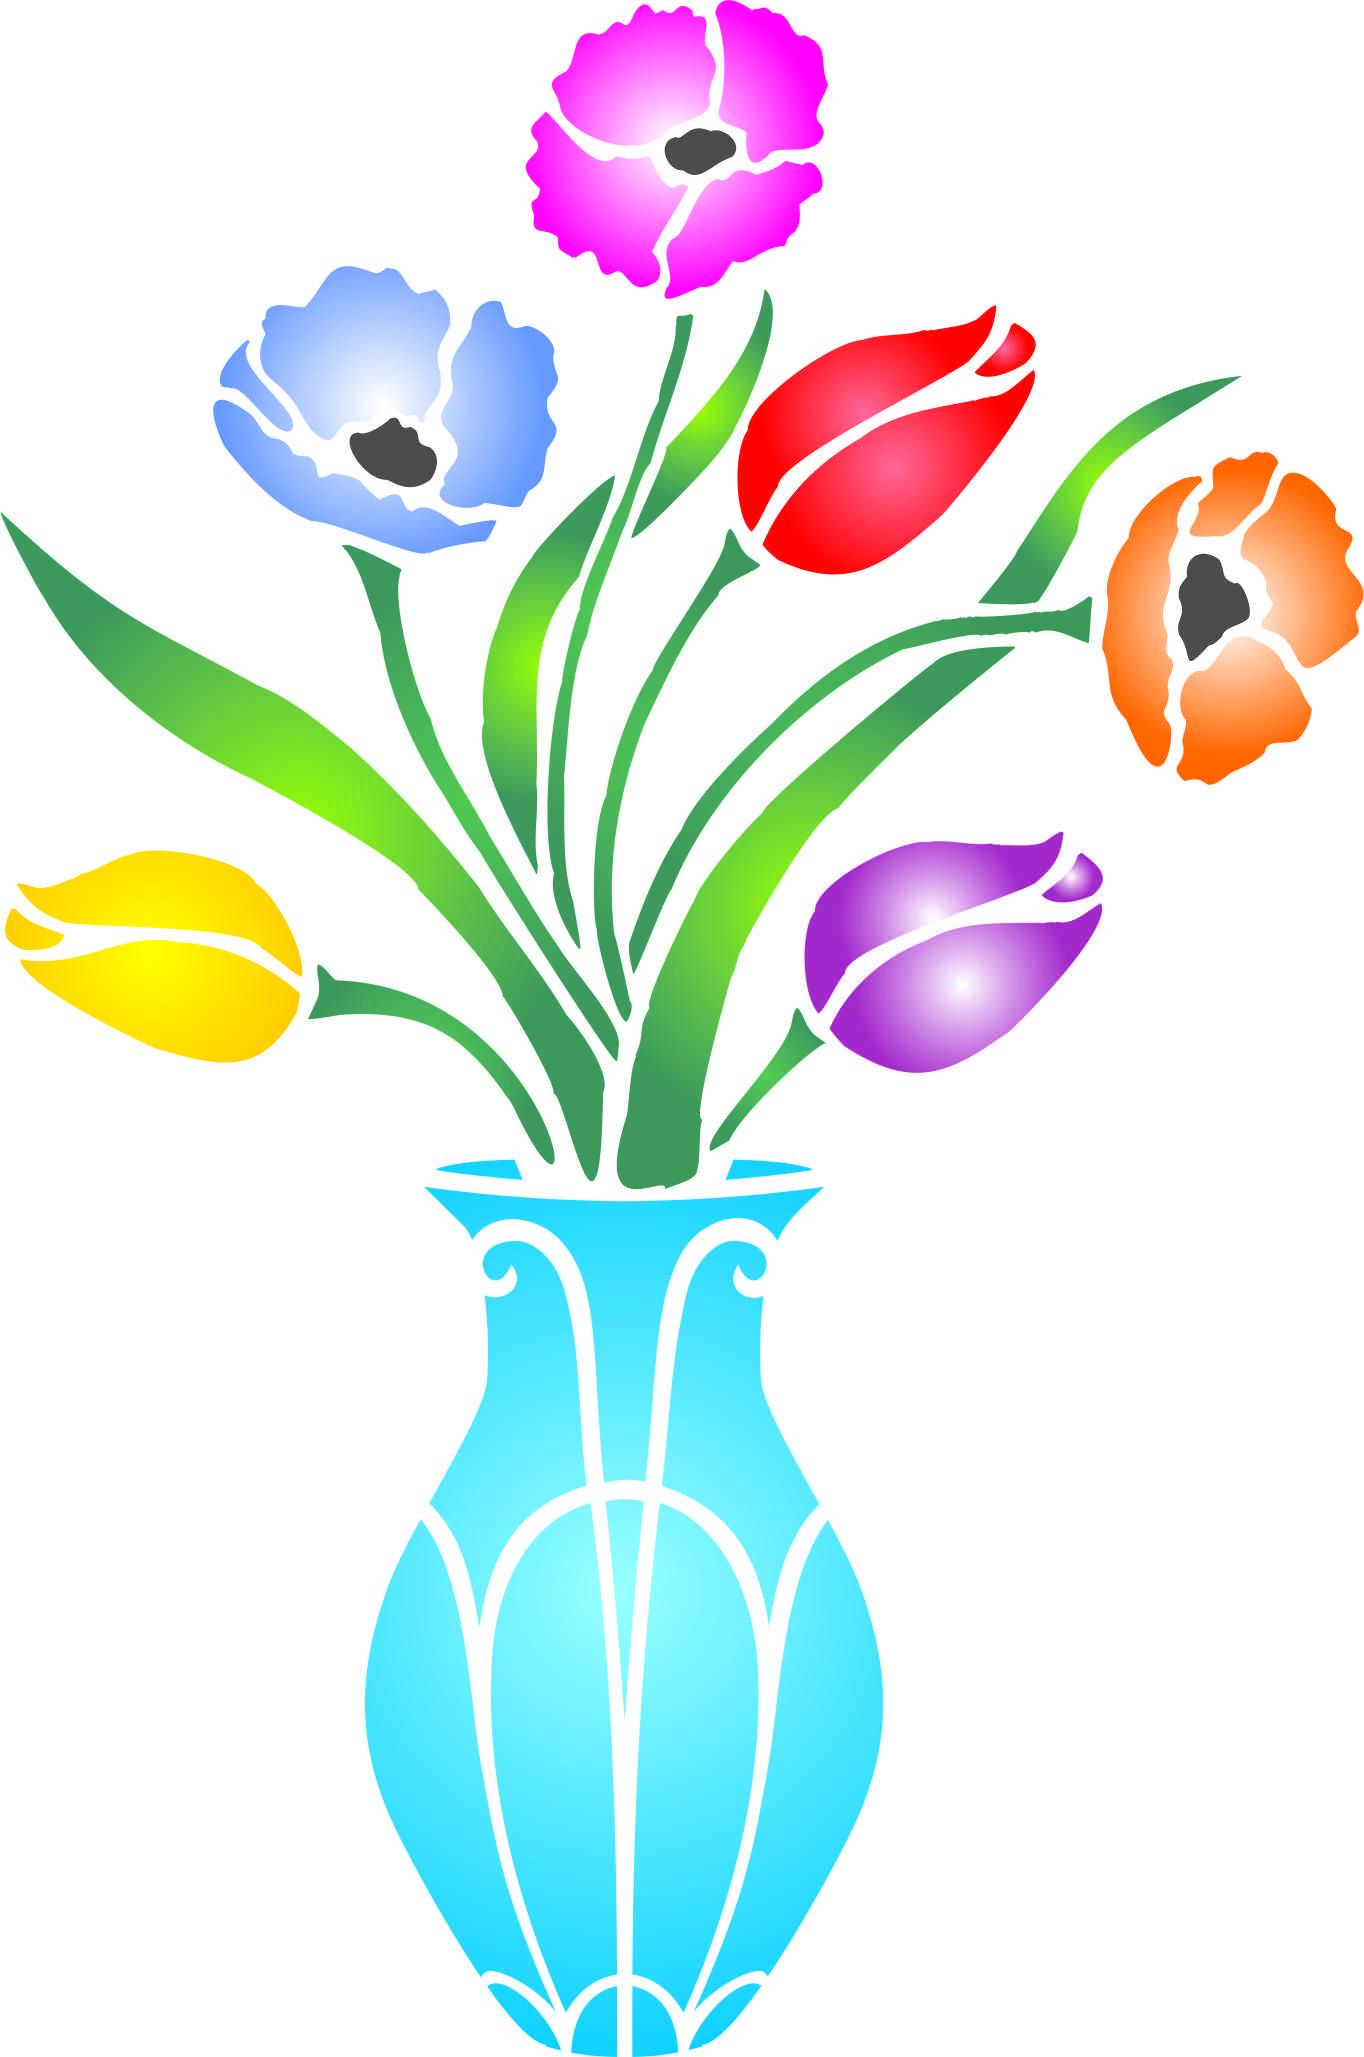 Flower bouquet vase stencil httpamazondpb01hjvhnk2m flower bouquet vase stencil httpamazondp amipublicfo Gallery